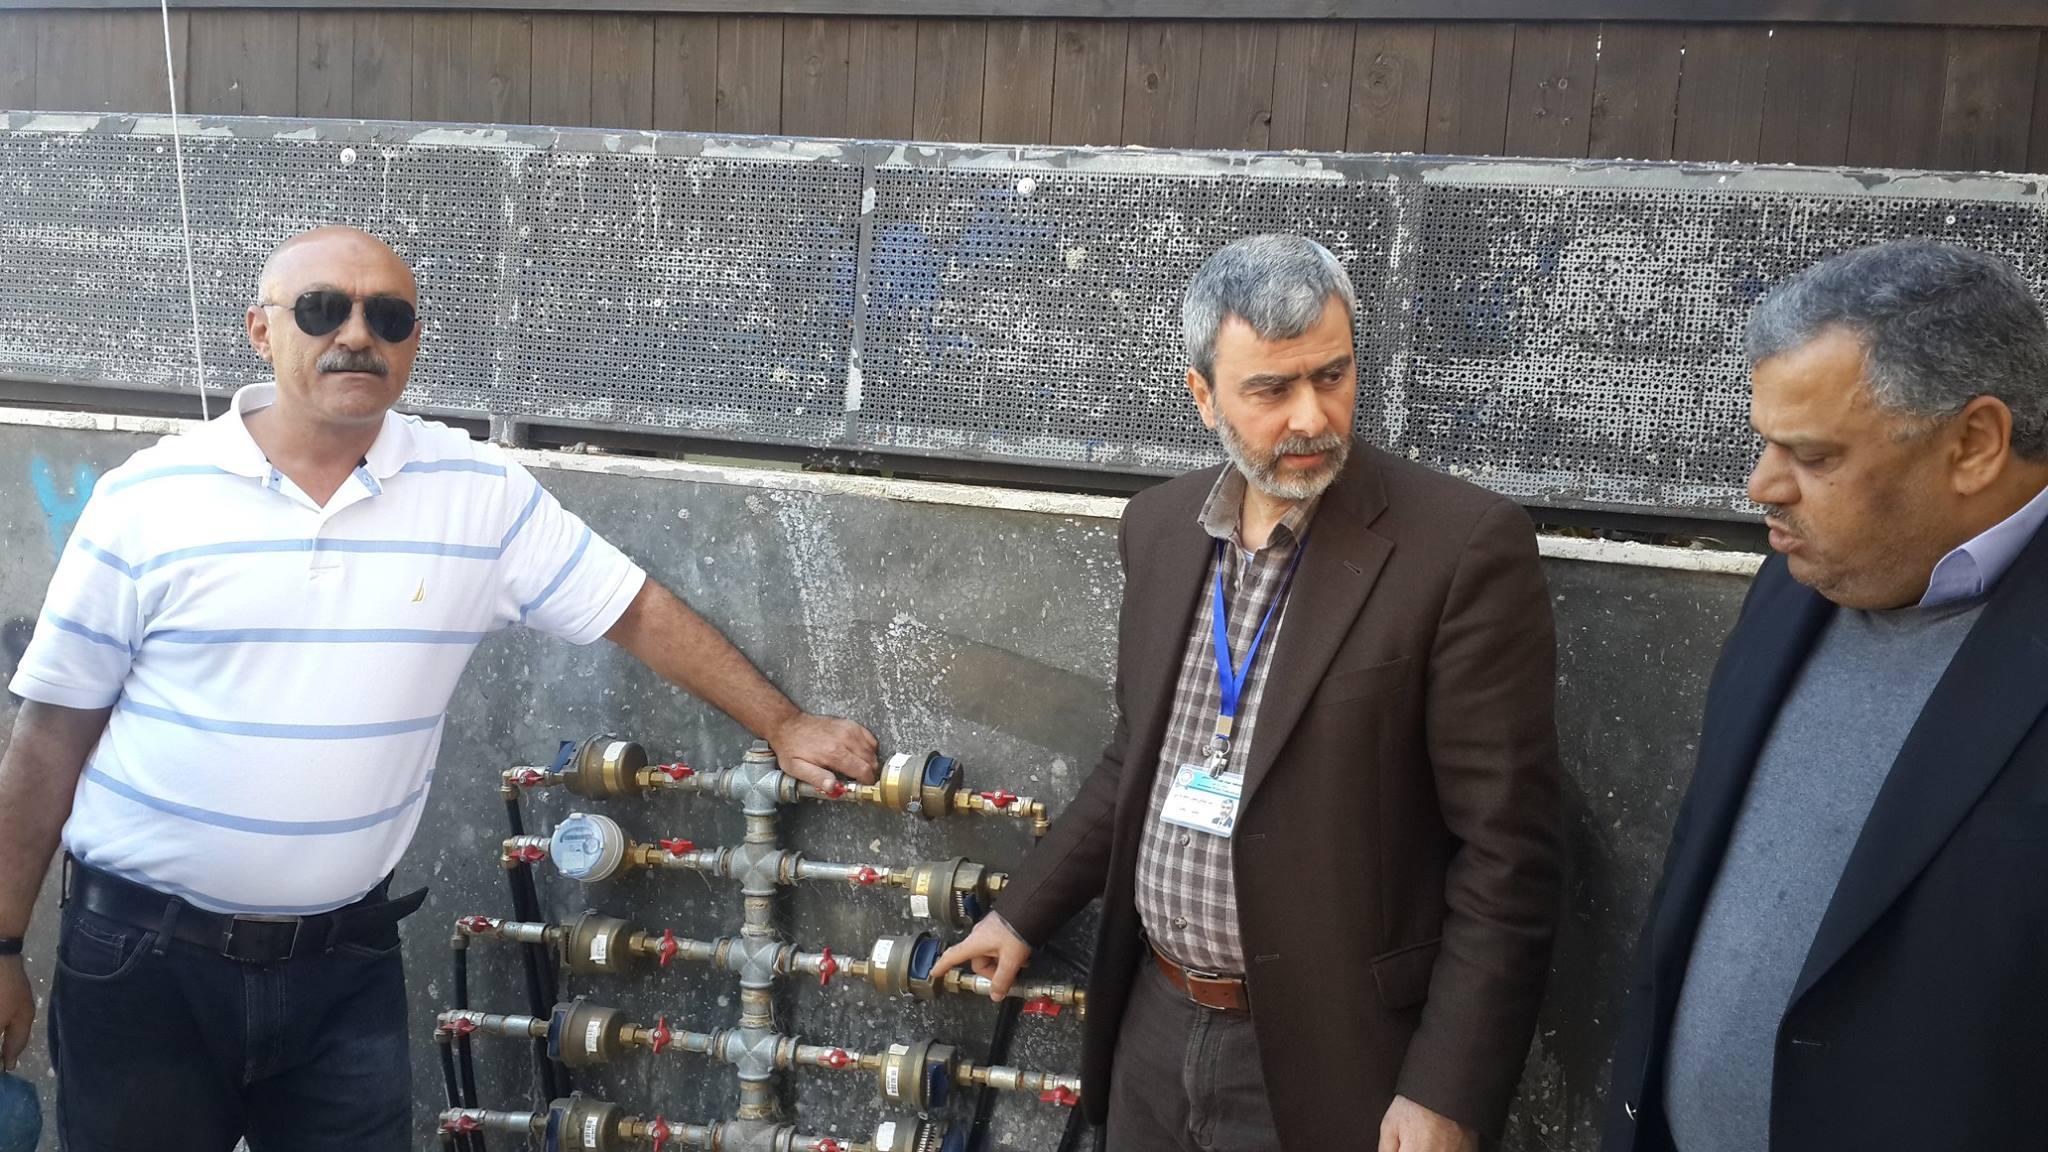 مدير عام مصلحة مياه محافظة القدس يتفقد عملية تغيير عدادات المشتركين